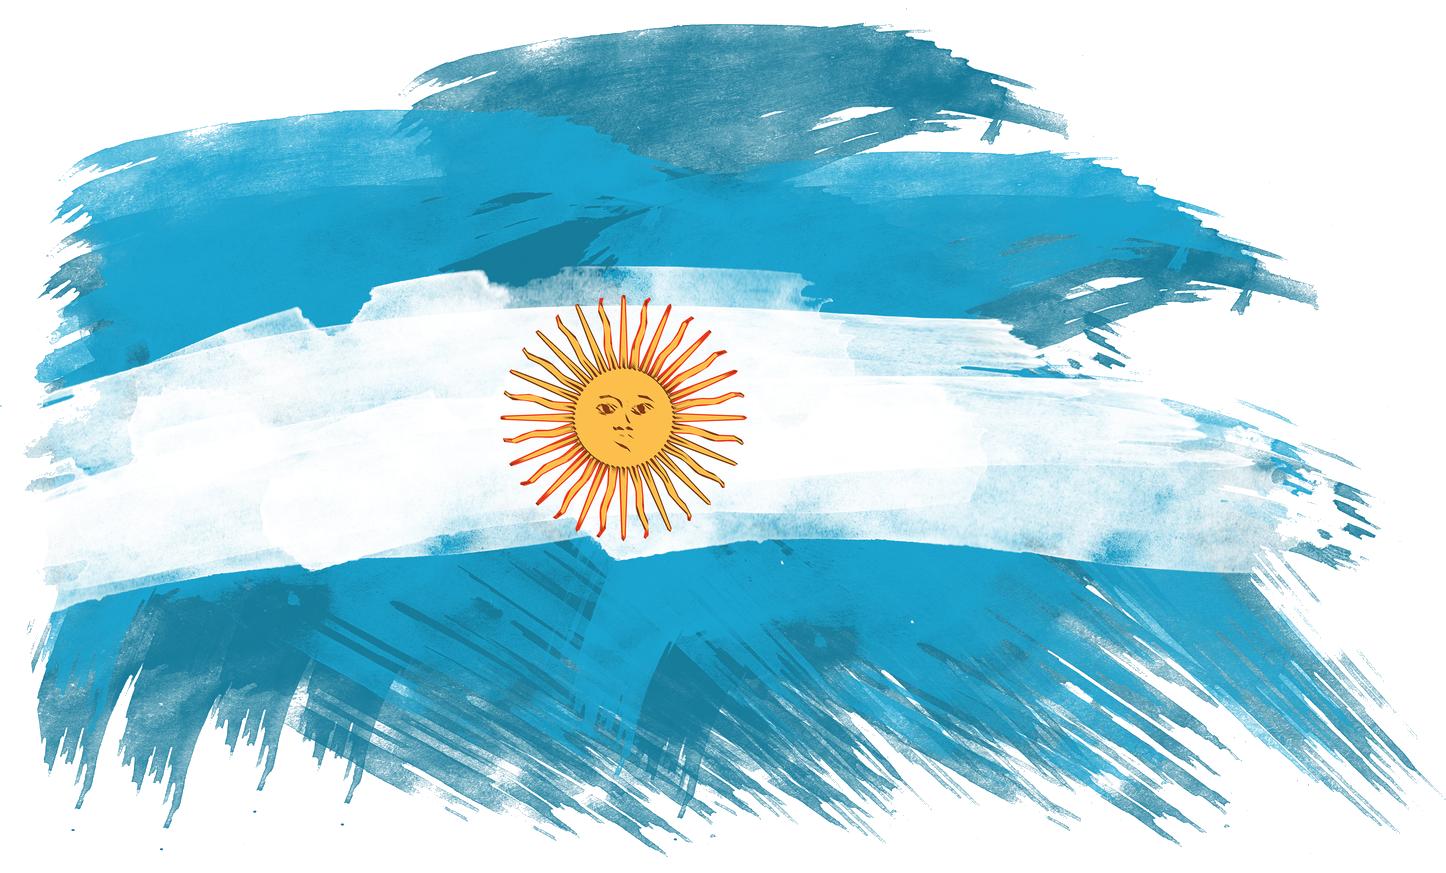 Bandera Argentina Sin Sol Buscar Con Google Bandera Argentina Imagenes De Bandera Argentina Tatuaje Argentina